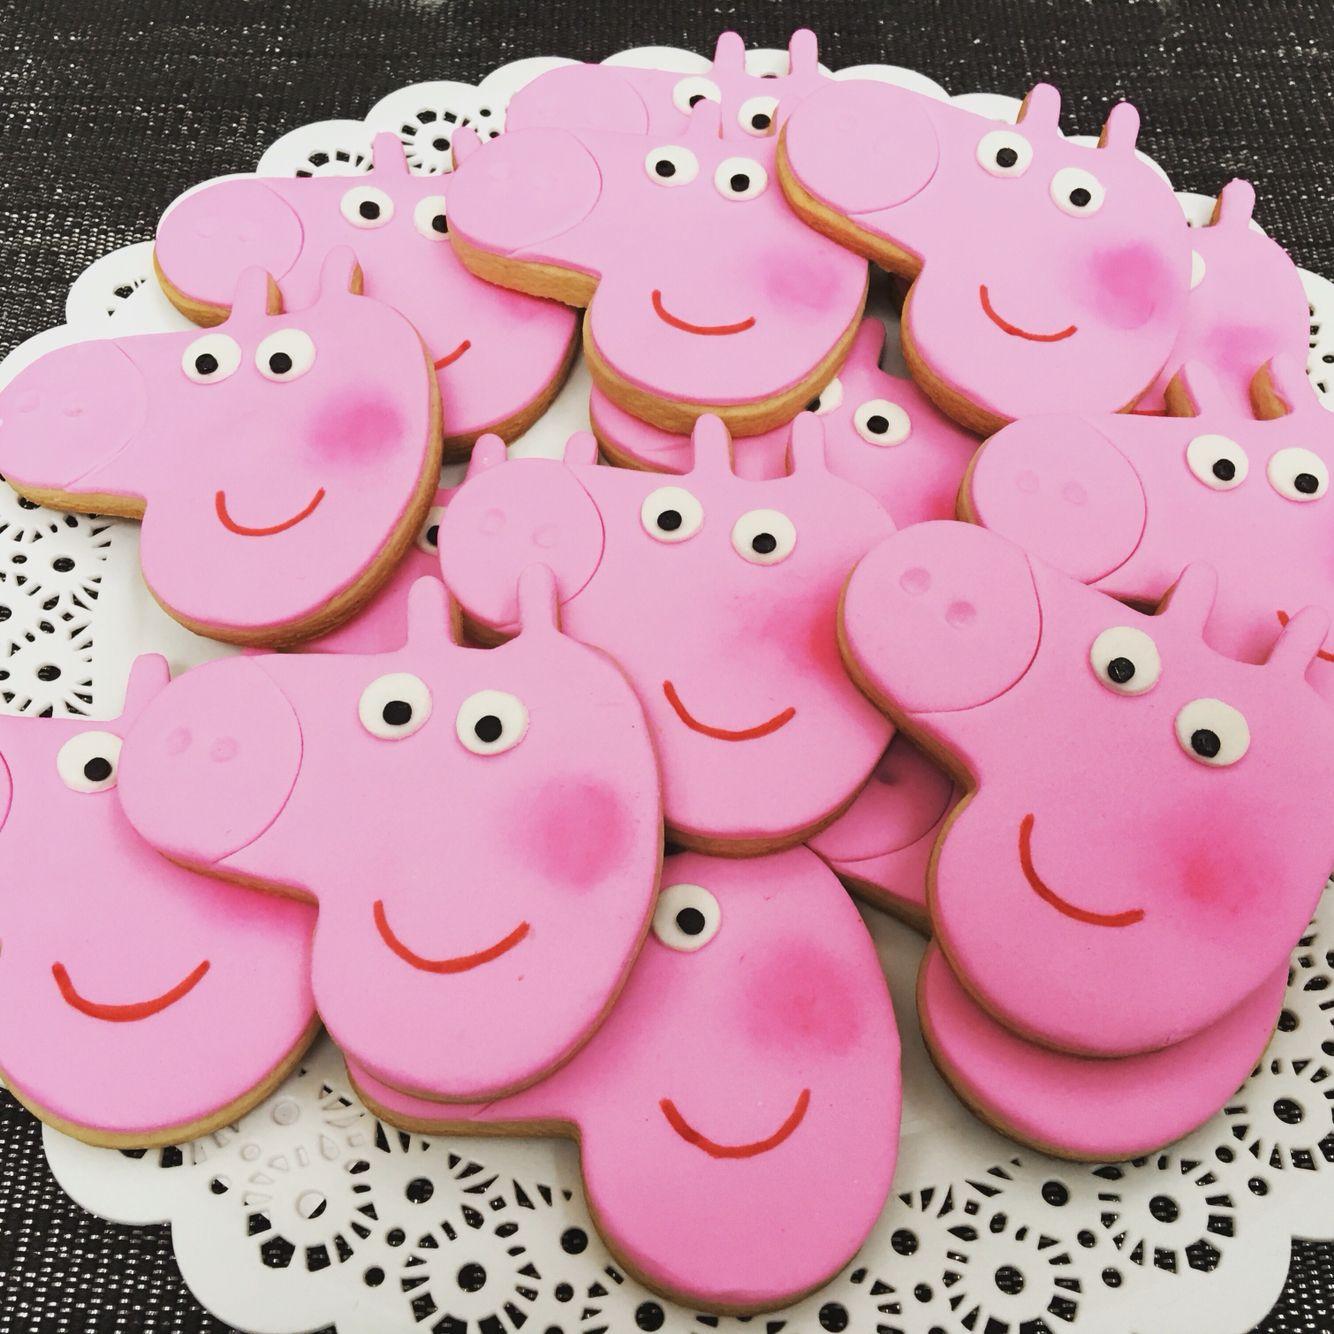 Producción de Peppa Pig.  #peppapig #cerdita #george #rosa #cookies #masitas #vainilla #libertinacandybar #souvenirs #galletas #dibujos #quieroeso #delicioso #yummy #peppa #pasteleria #mesadulce #pattiserie